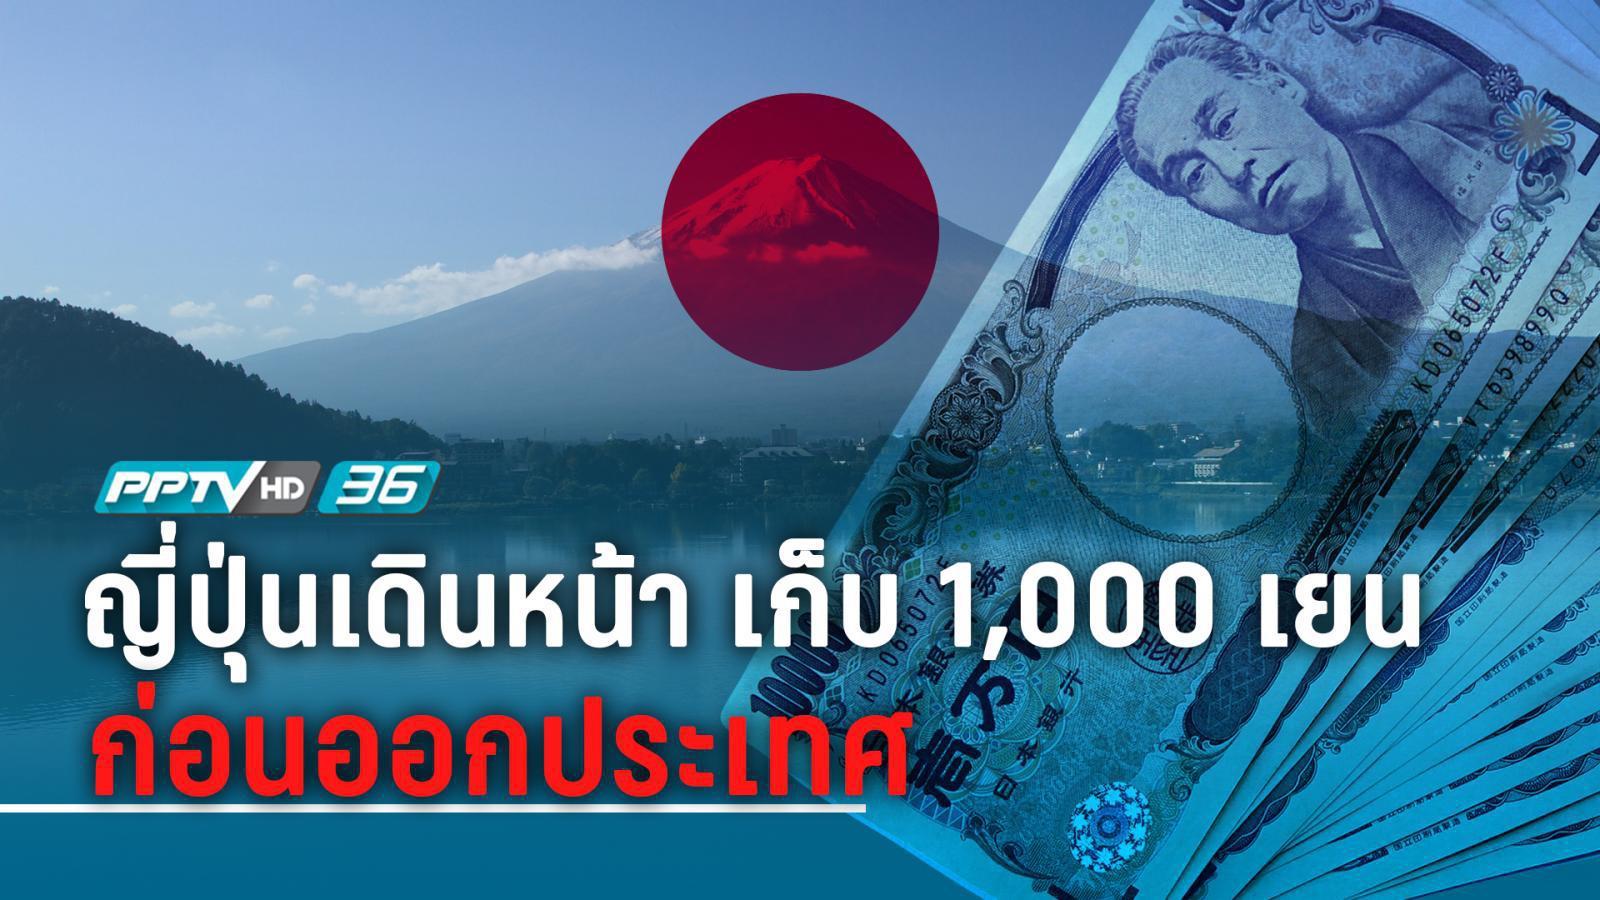 """เริ่มแล้ว! เที่ยวญี่ปุ่นก่อนกลับต้องจ่าย """"ภาษีซาโยนาระ"""" 1,000 เยน"""